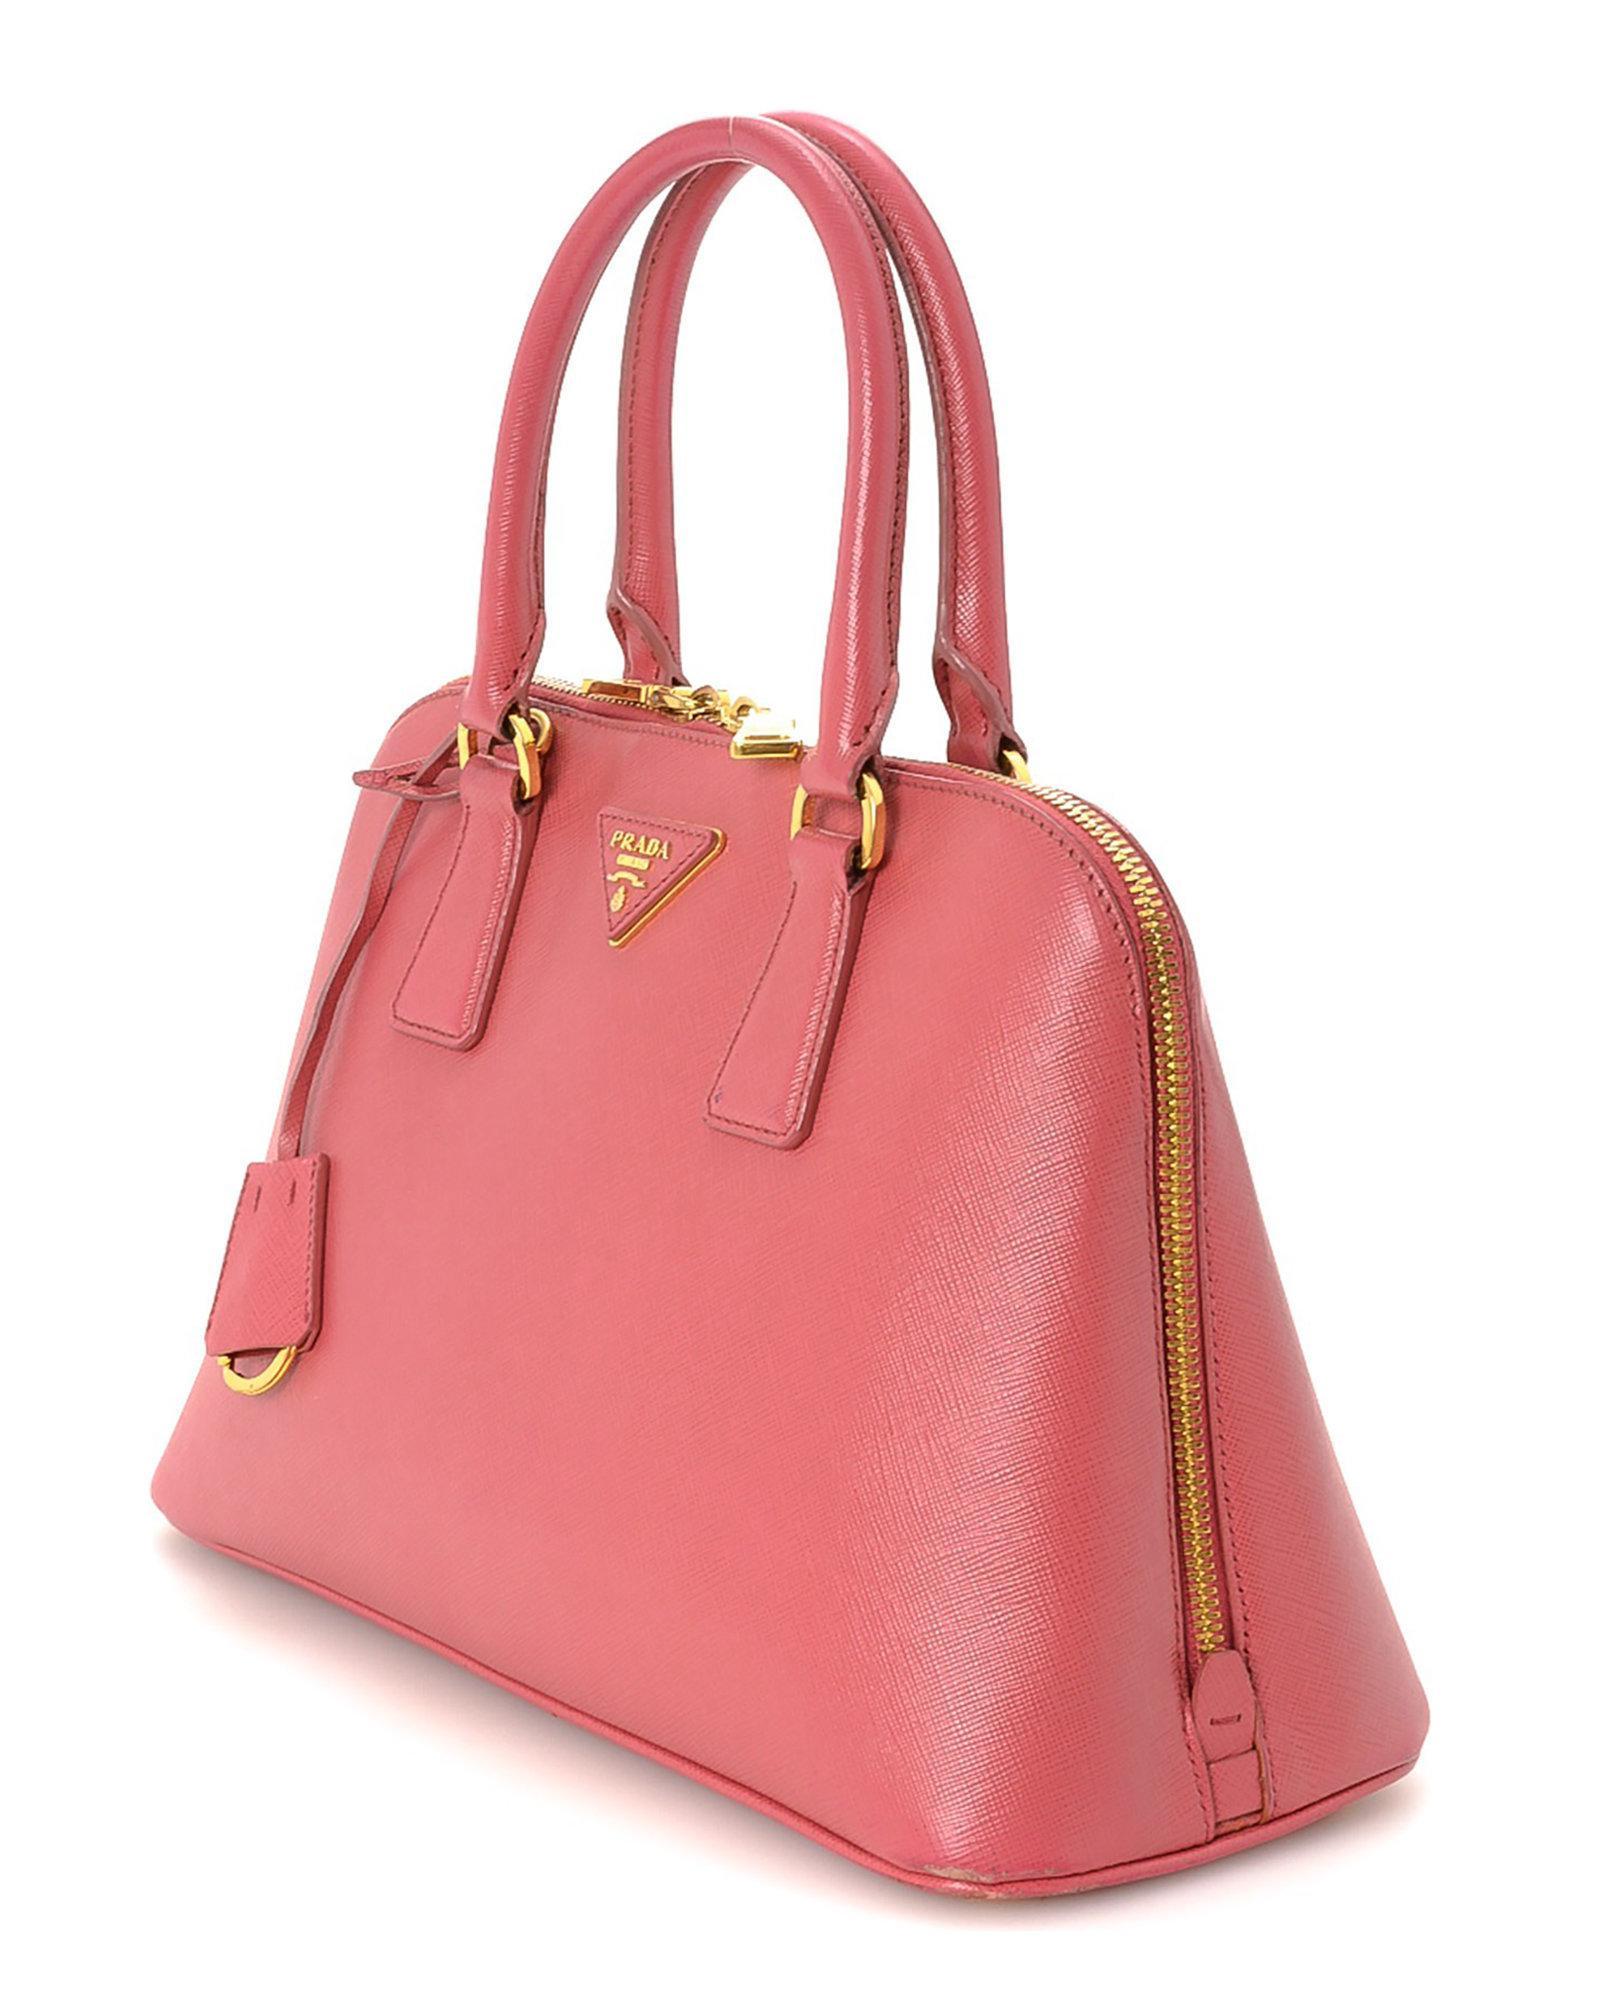 77f0dea697db Lyst - Prada Saffiano Two Way Handbag - Vintage in Pink